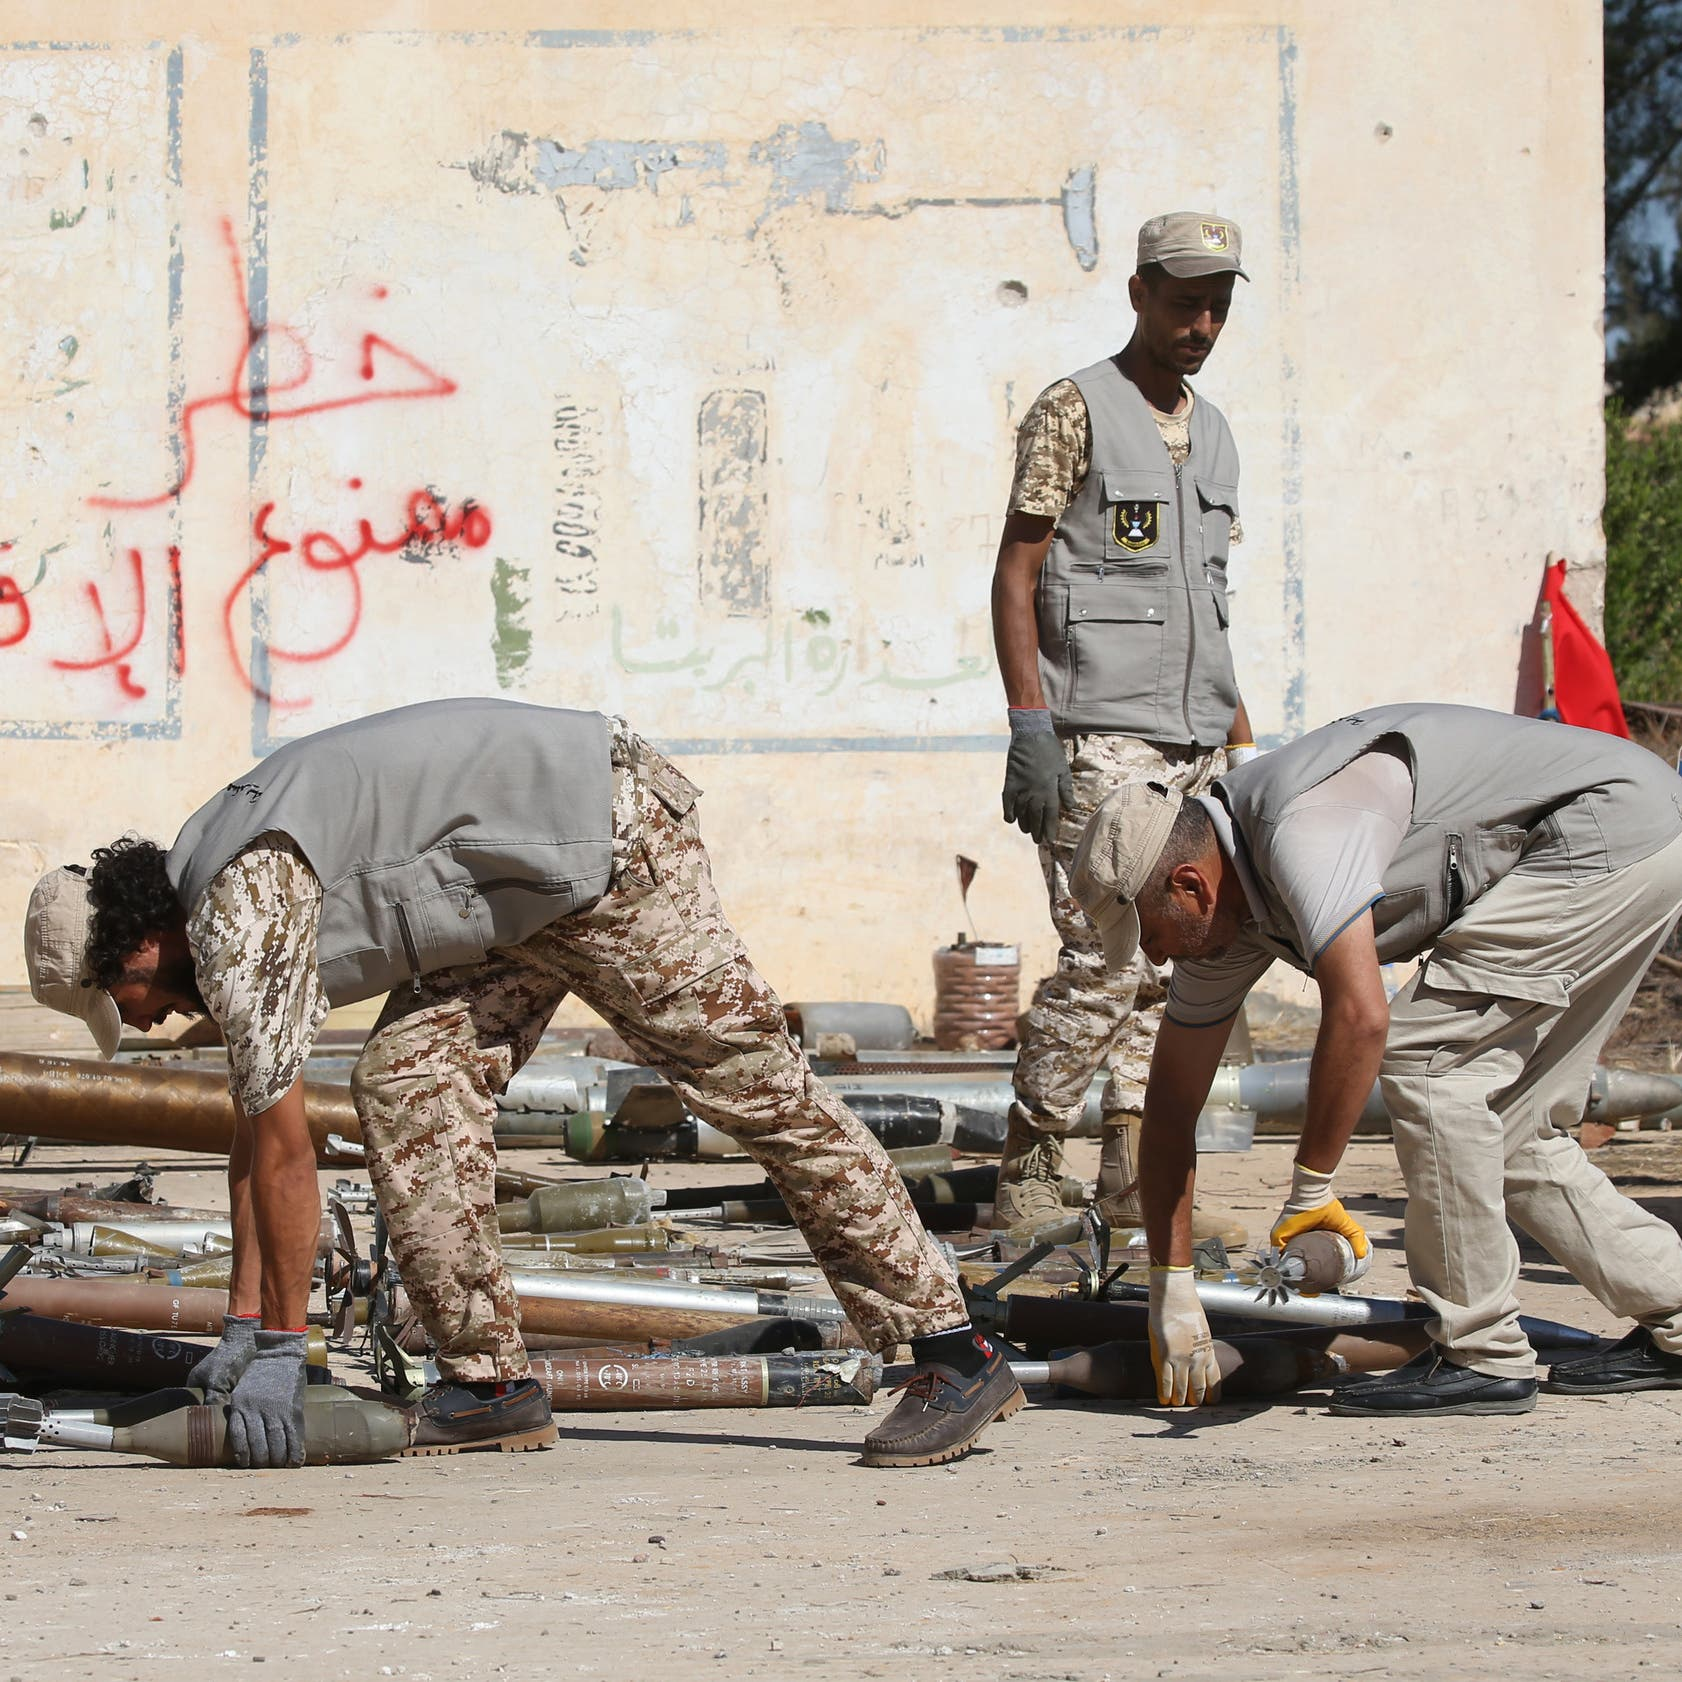 اتفاق مصري بريطاني على تثبيت وقف النار في ليبيا